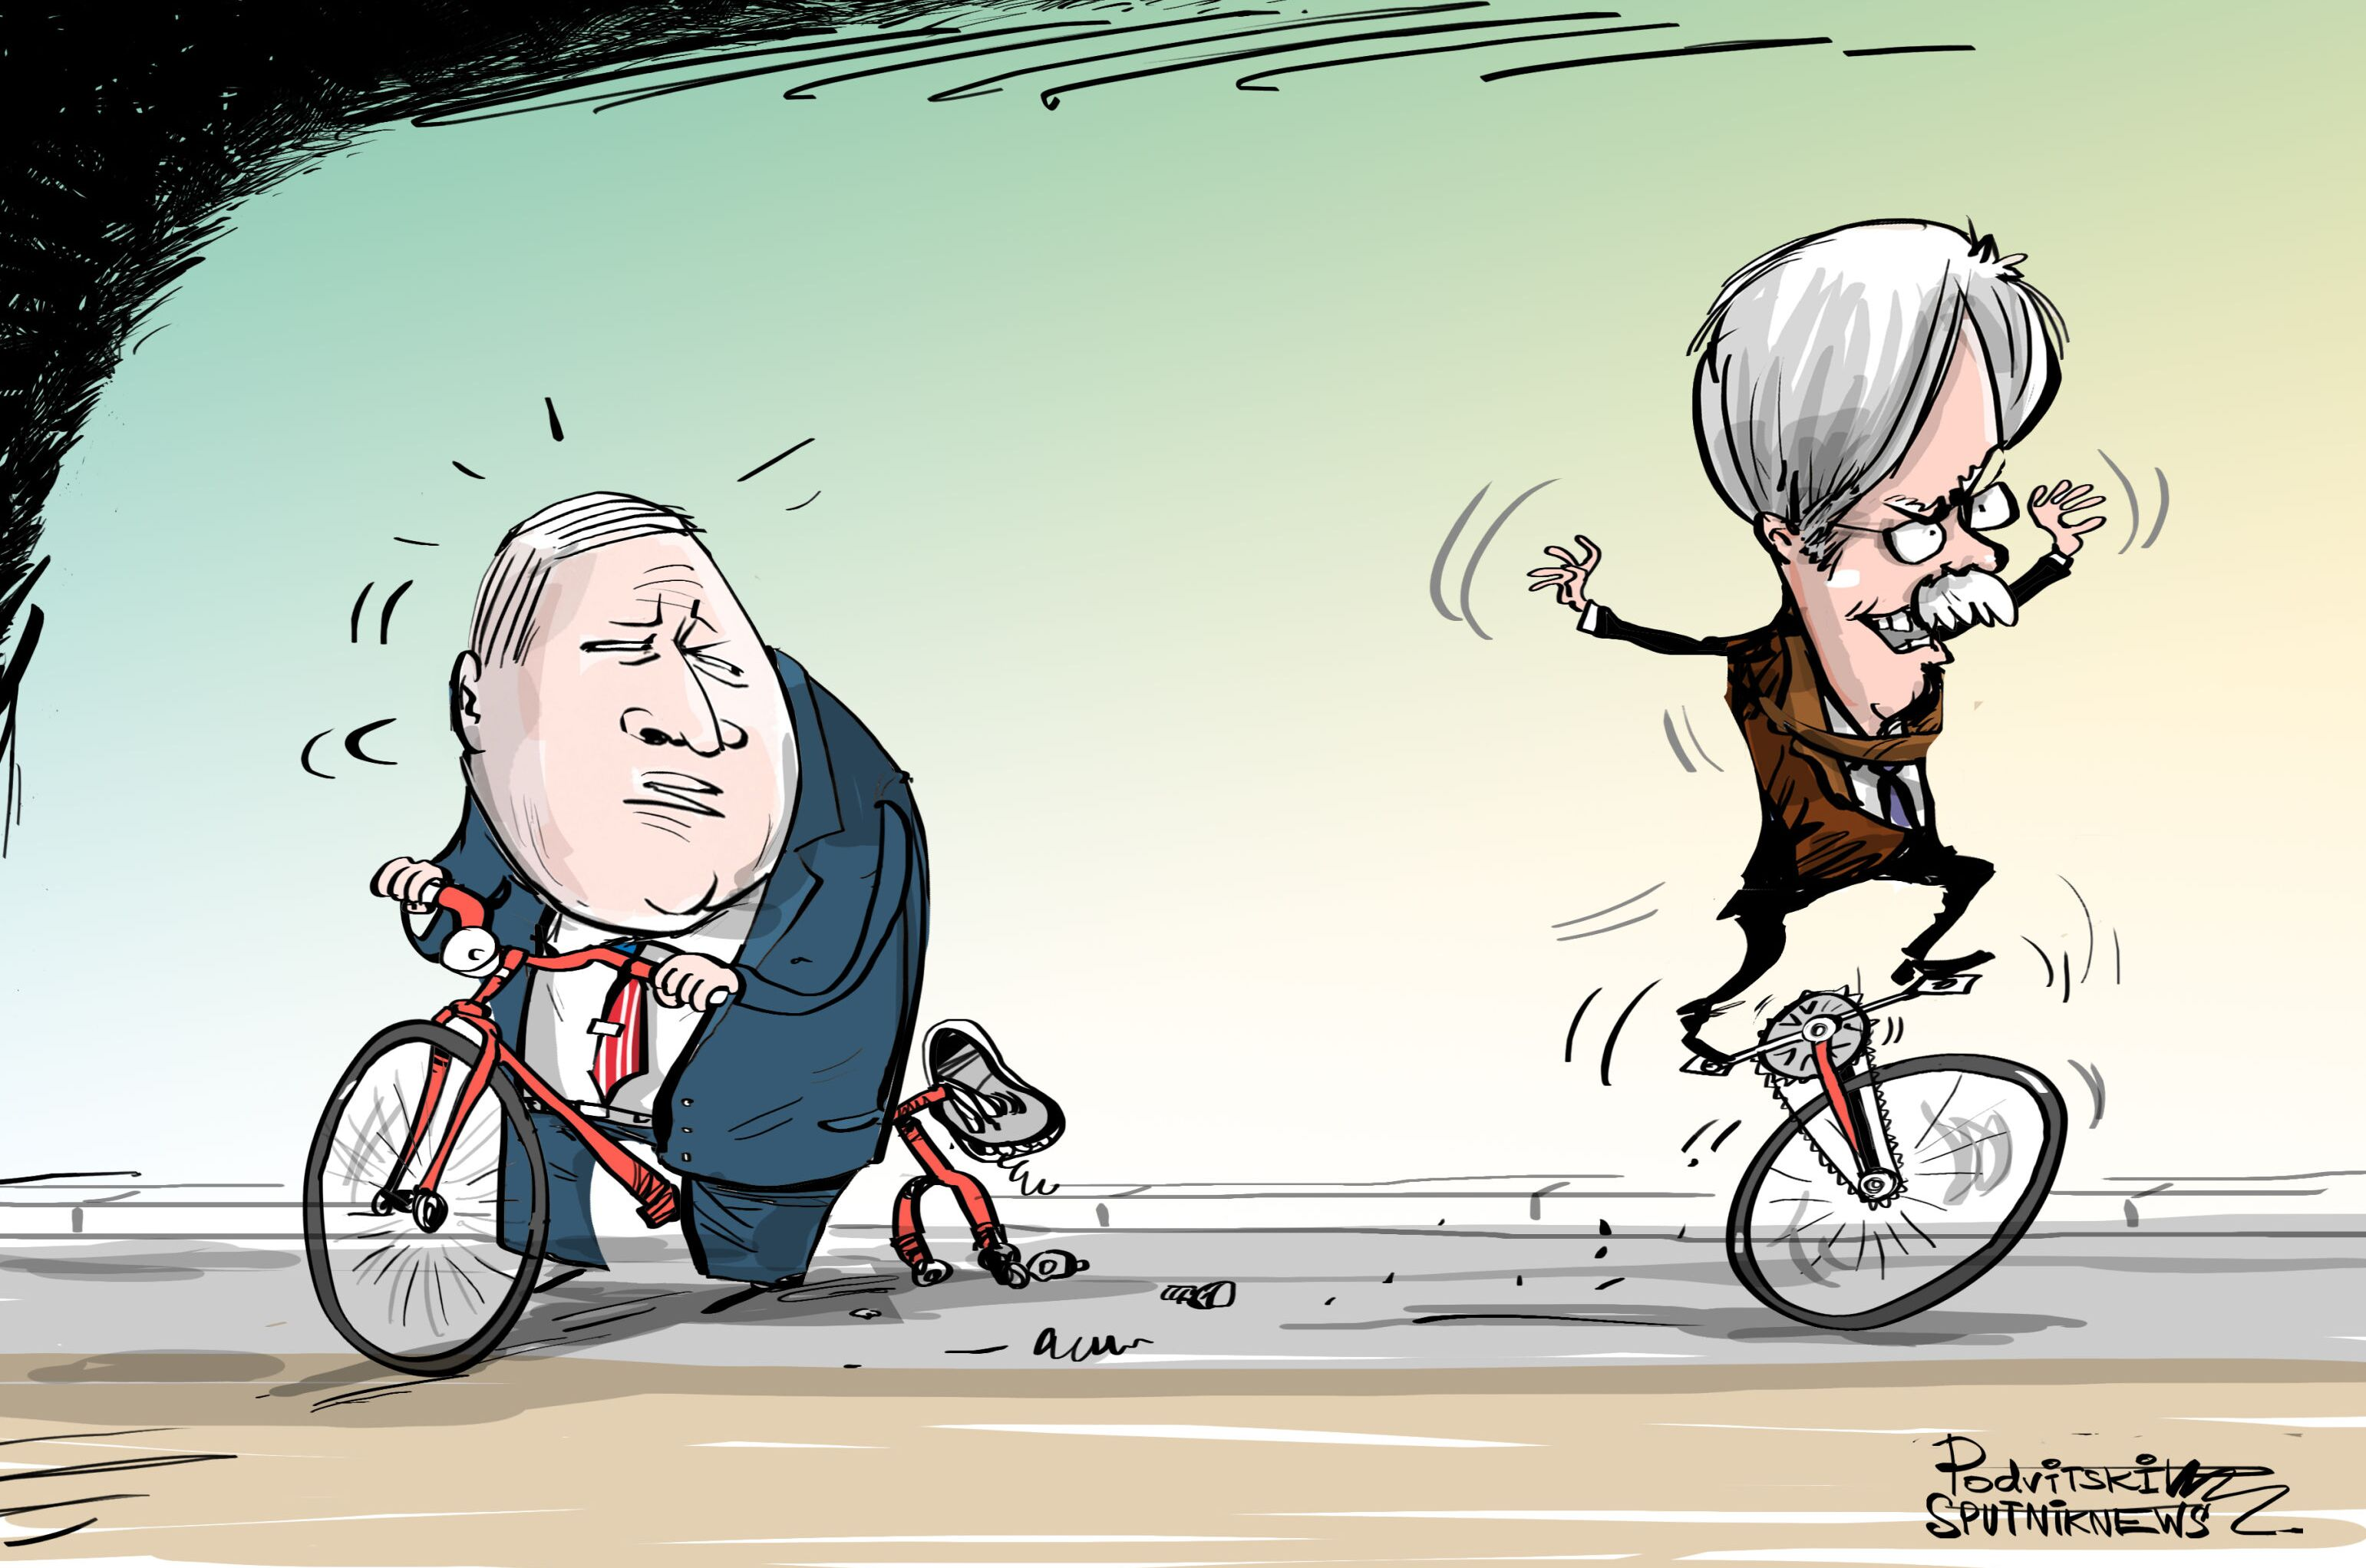 John Bolton, con su propia política exterior y sus órdenes